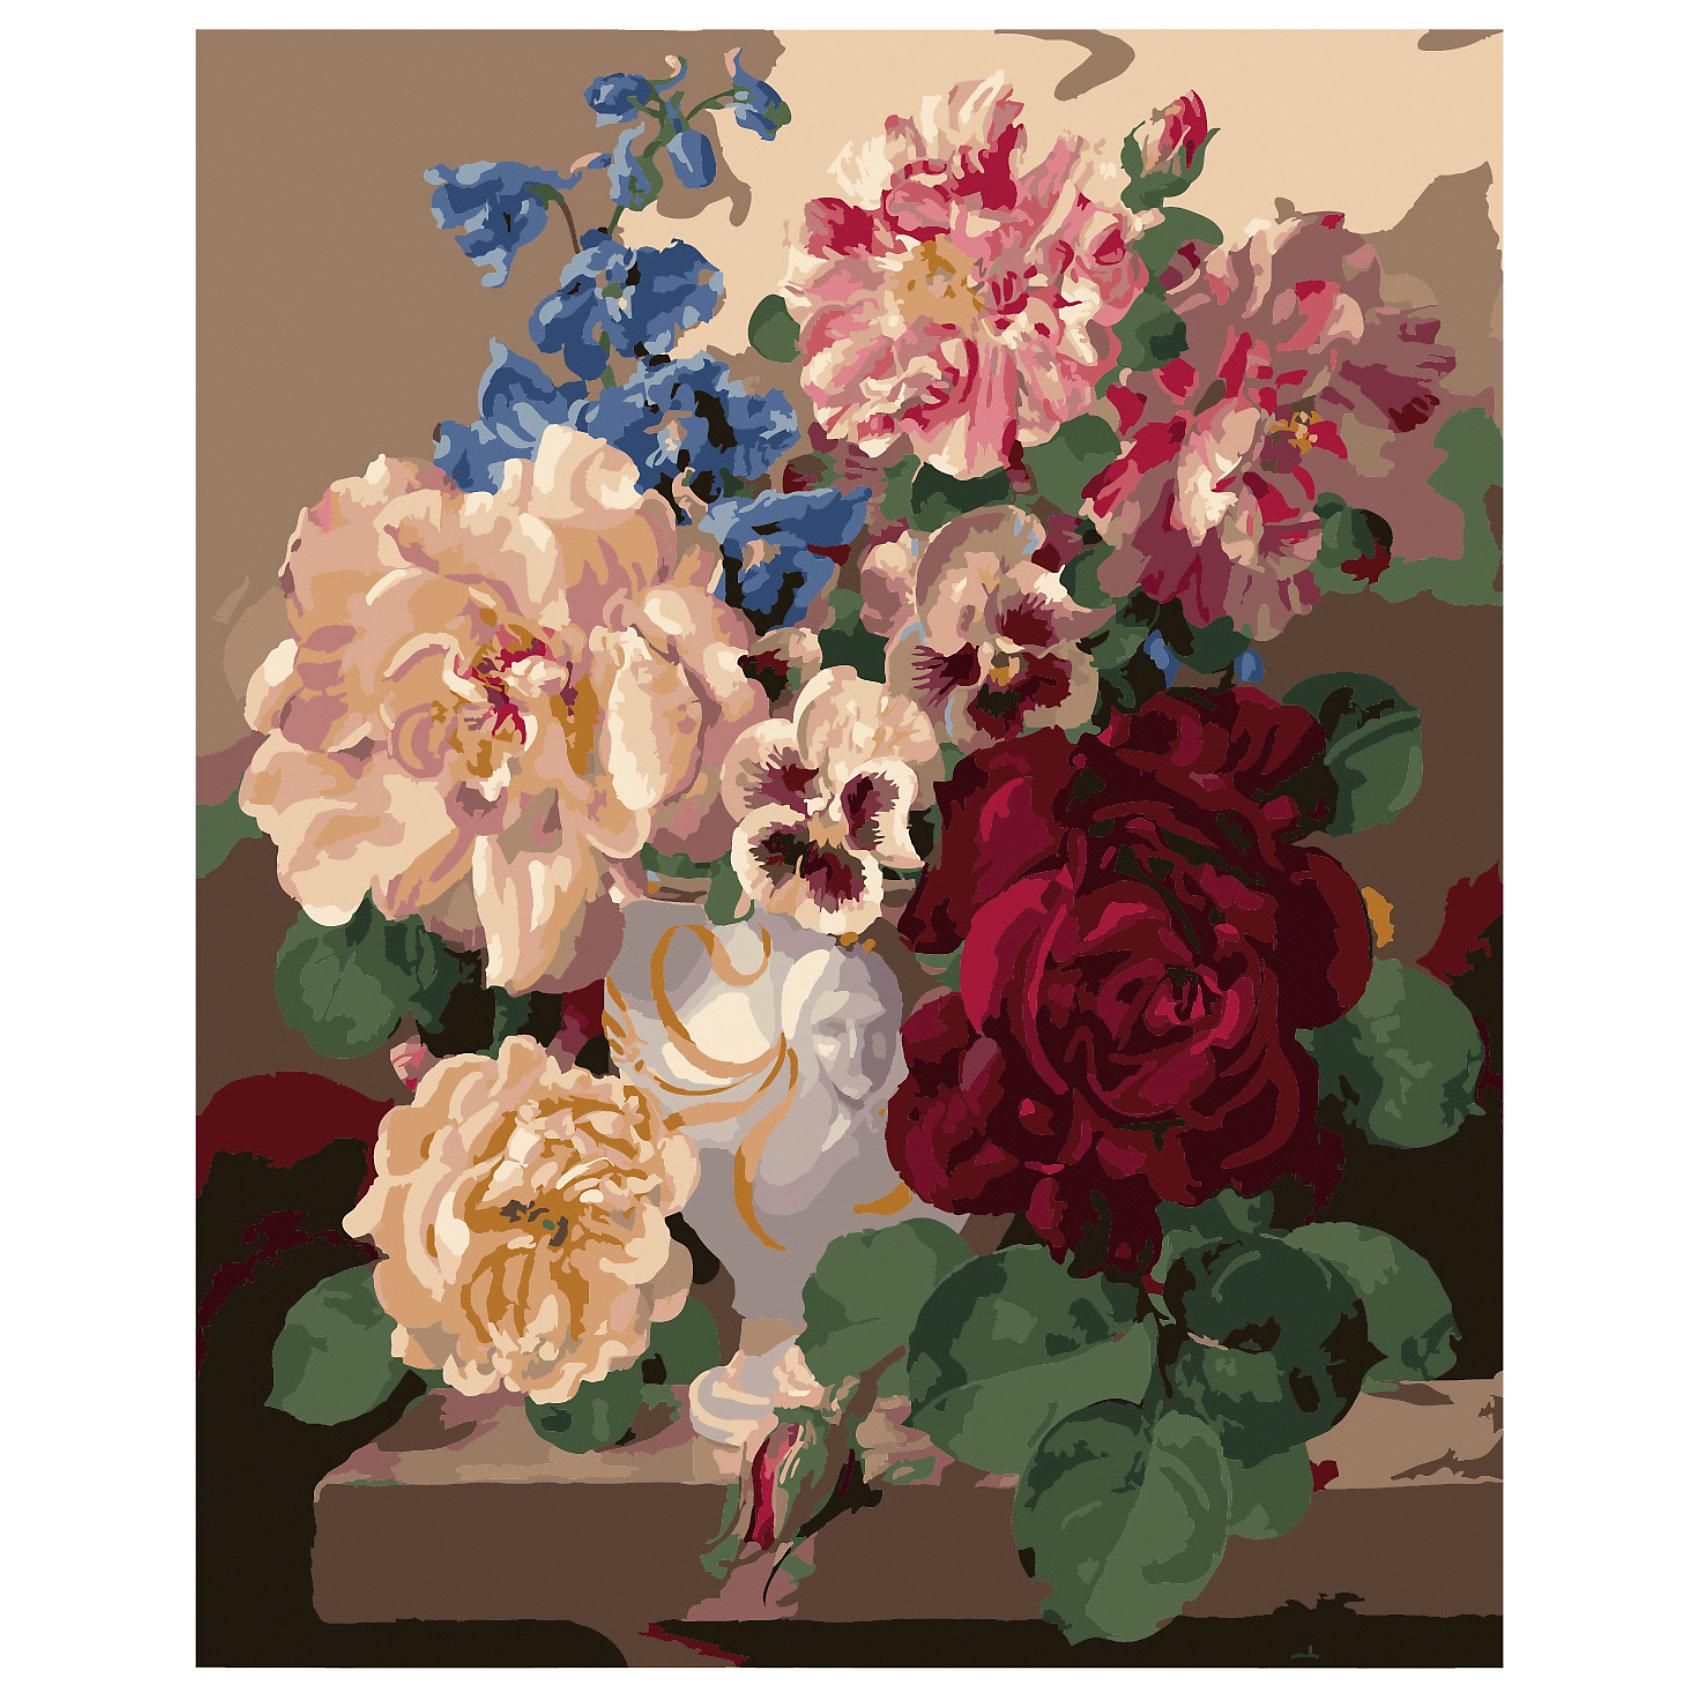 TUKZAR Роспись по номерам Букет пионов с васильками 40*50 см наборы для рисования цветной картины по номерам букет романтики